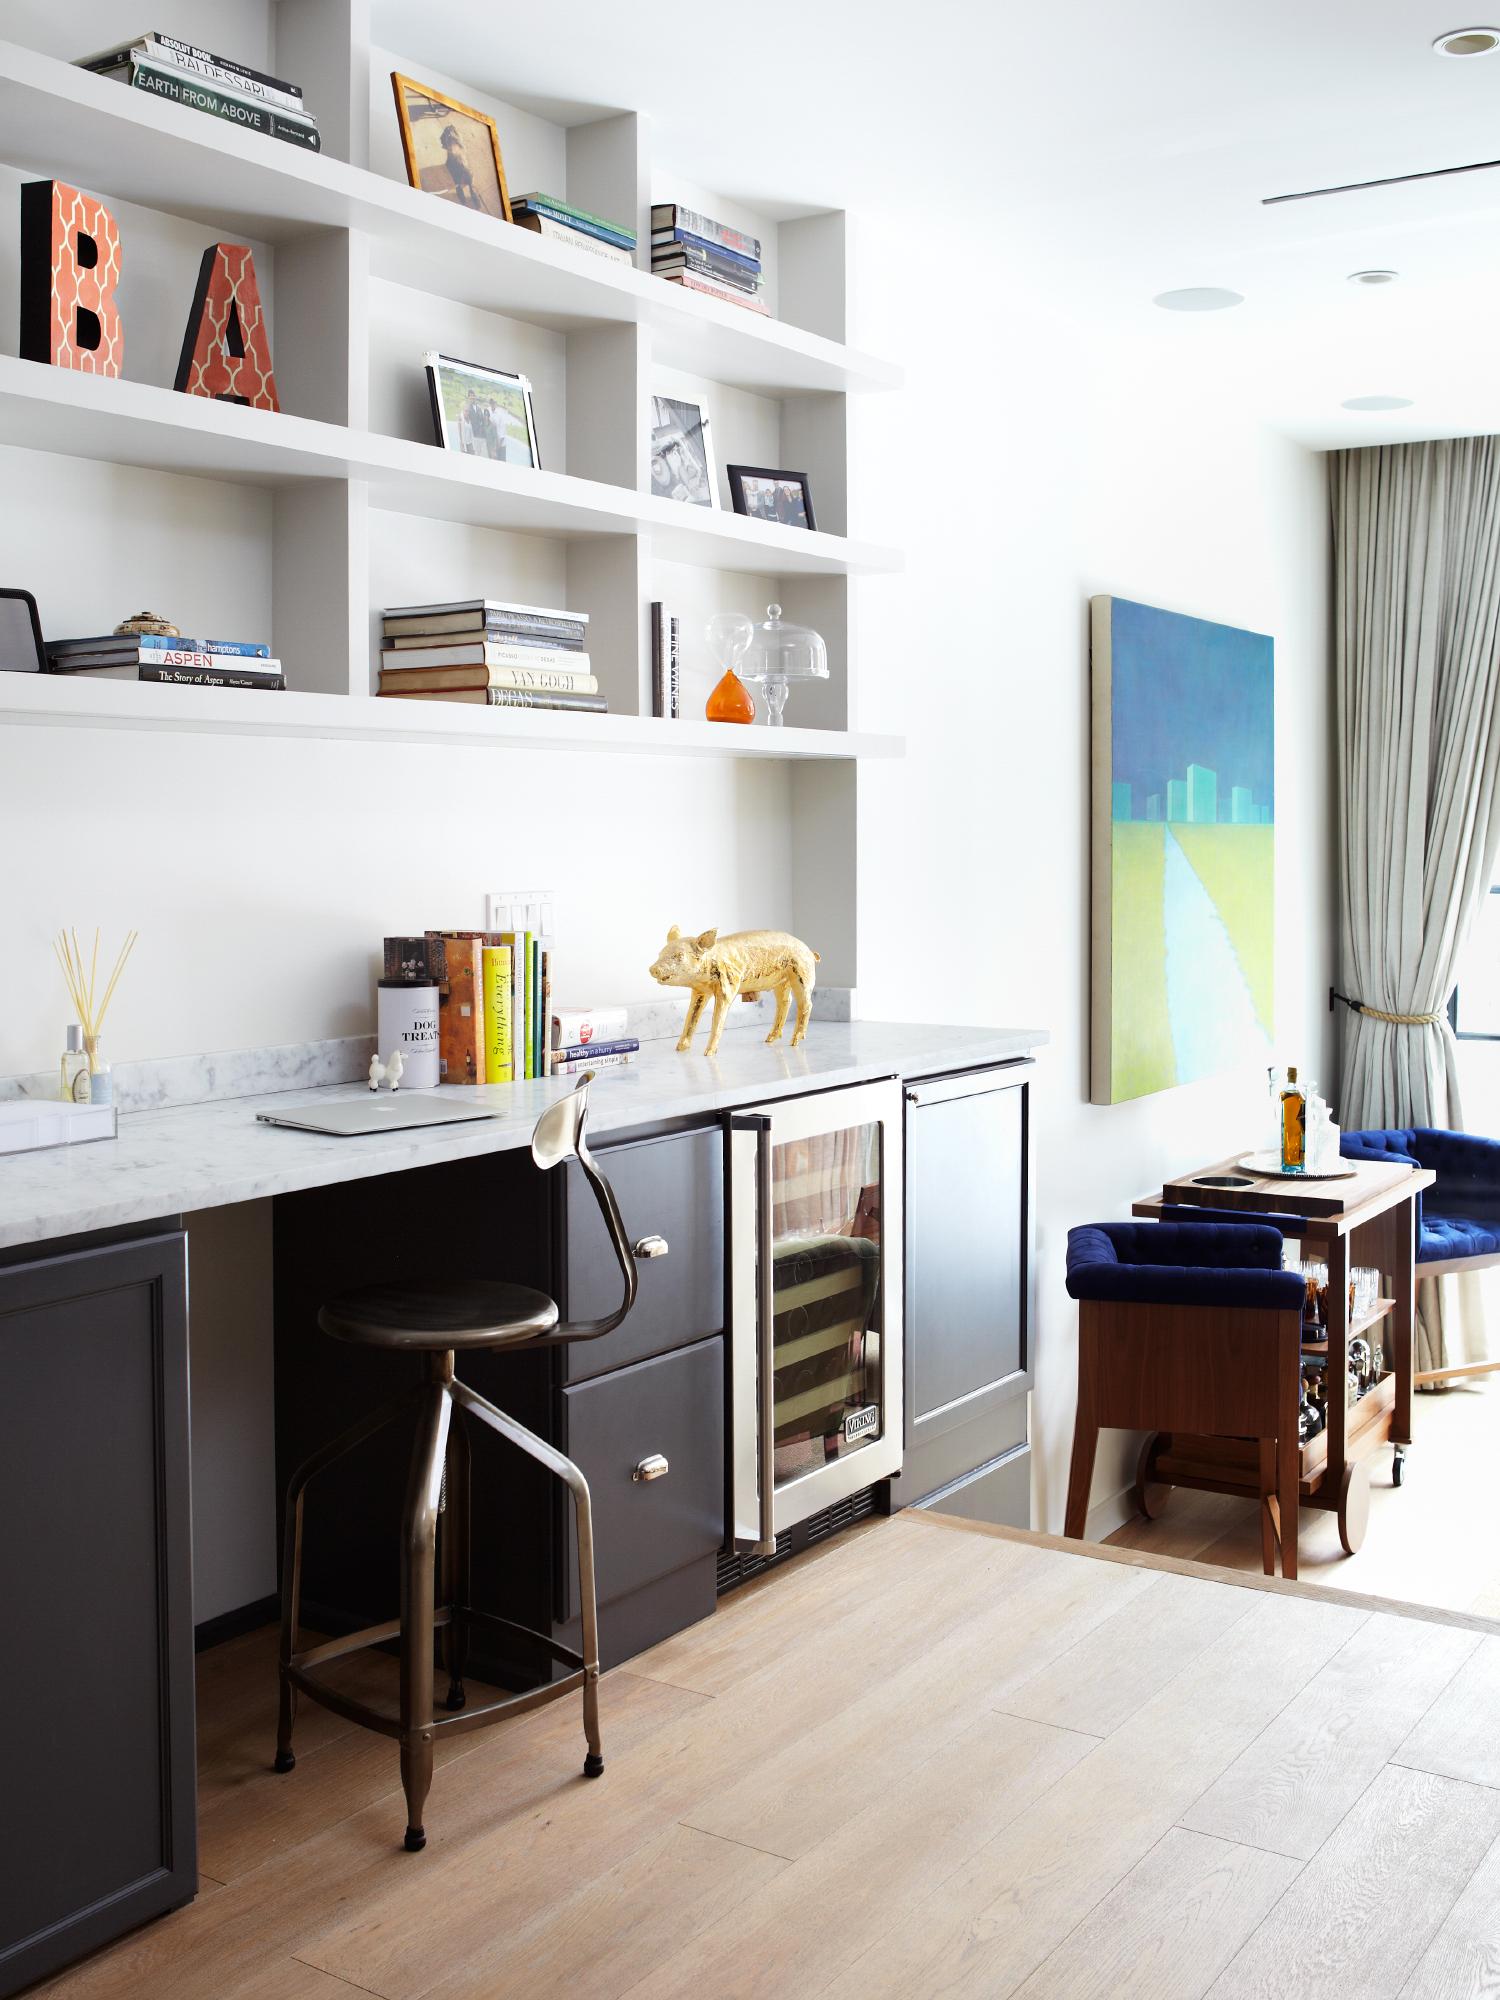 Kitchen_Desk_0290.jpg